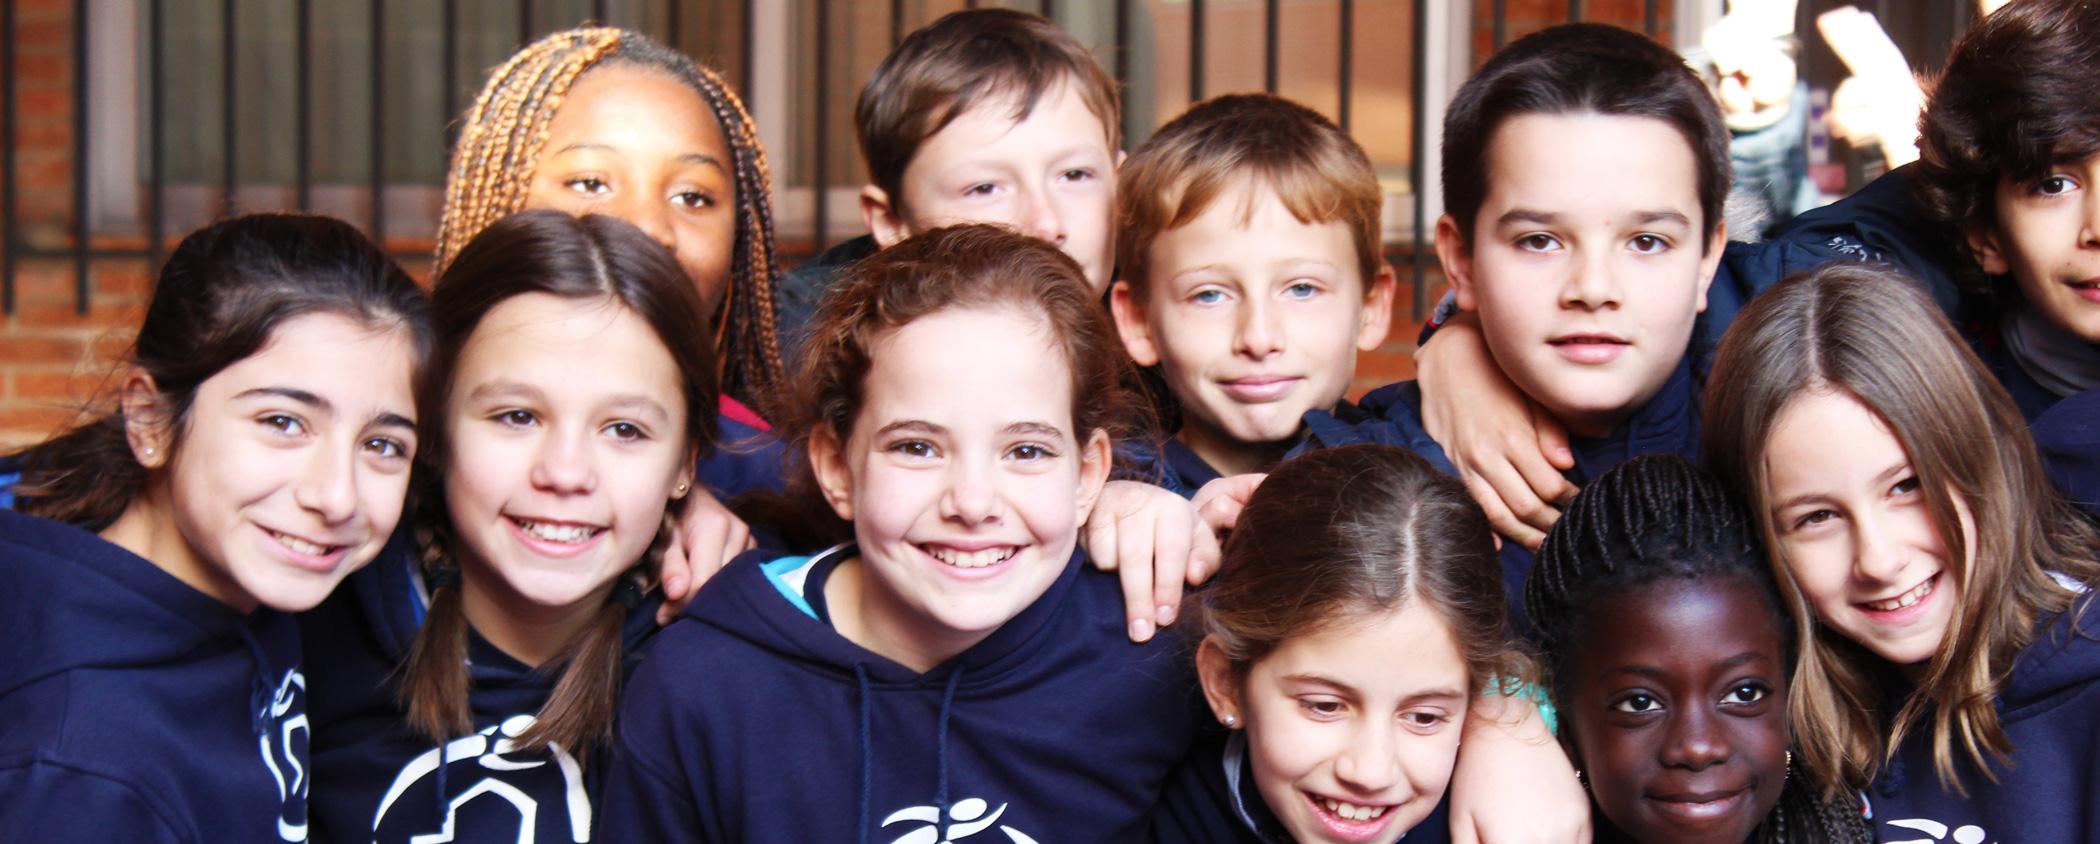 Alumnos colegio Ciudad Lineal Madre de Dios